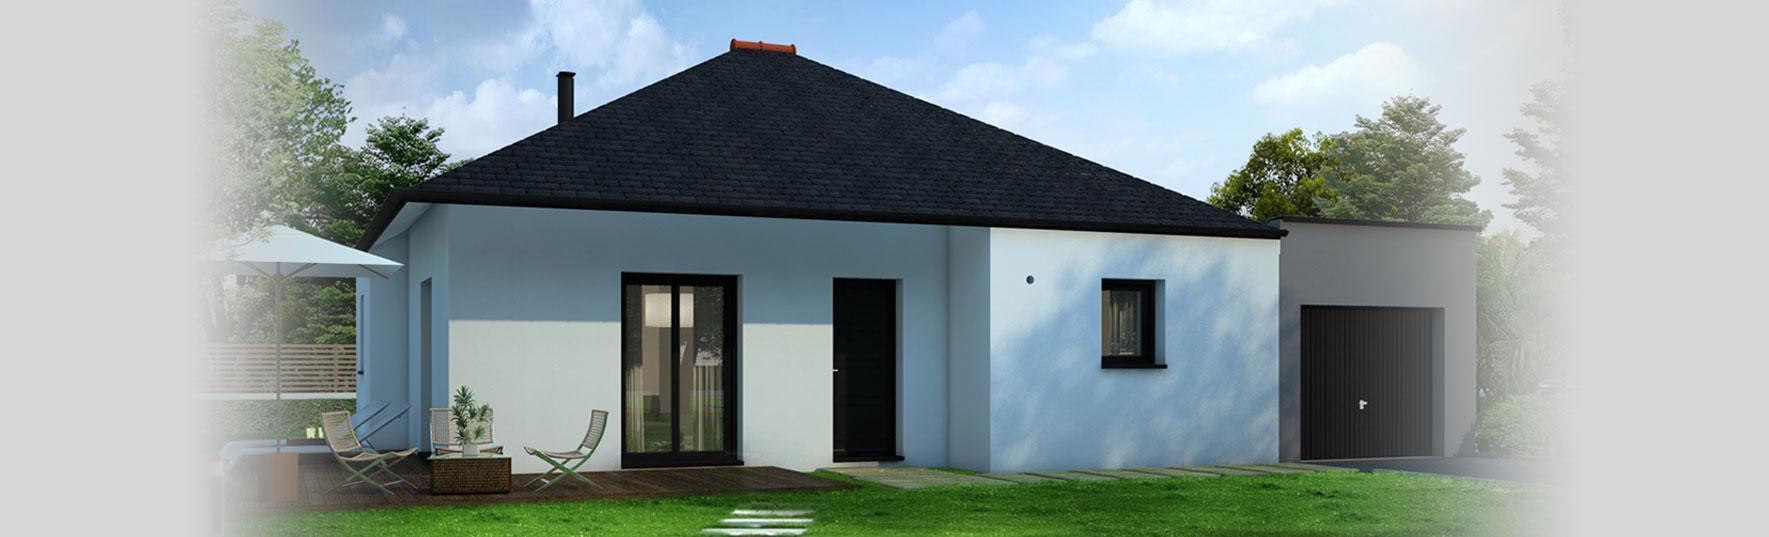 Construire votre maison à Rennes avec Axce's Habitat